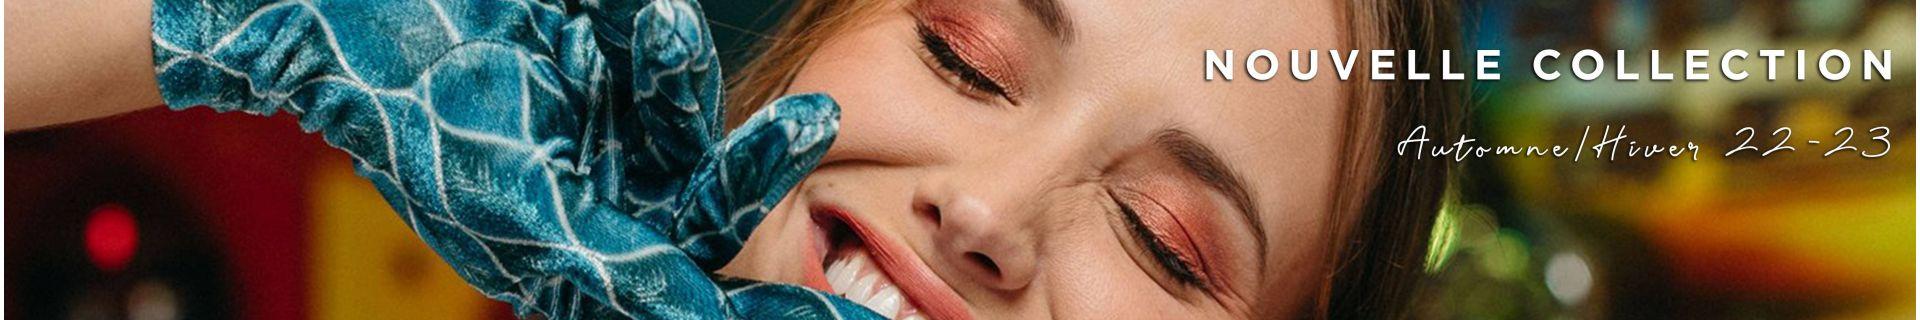 Les écharpes pour femme - Nouvelle collection Automne/Hiver 2020-2021